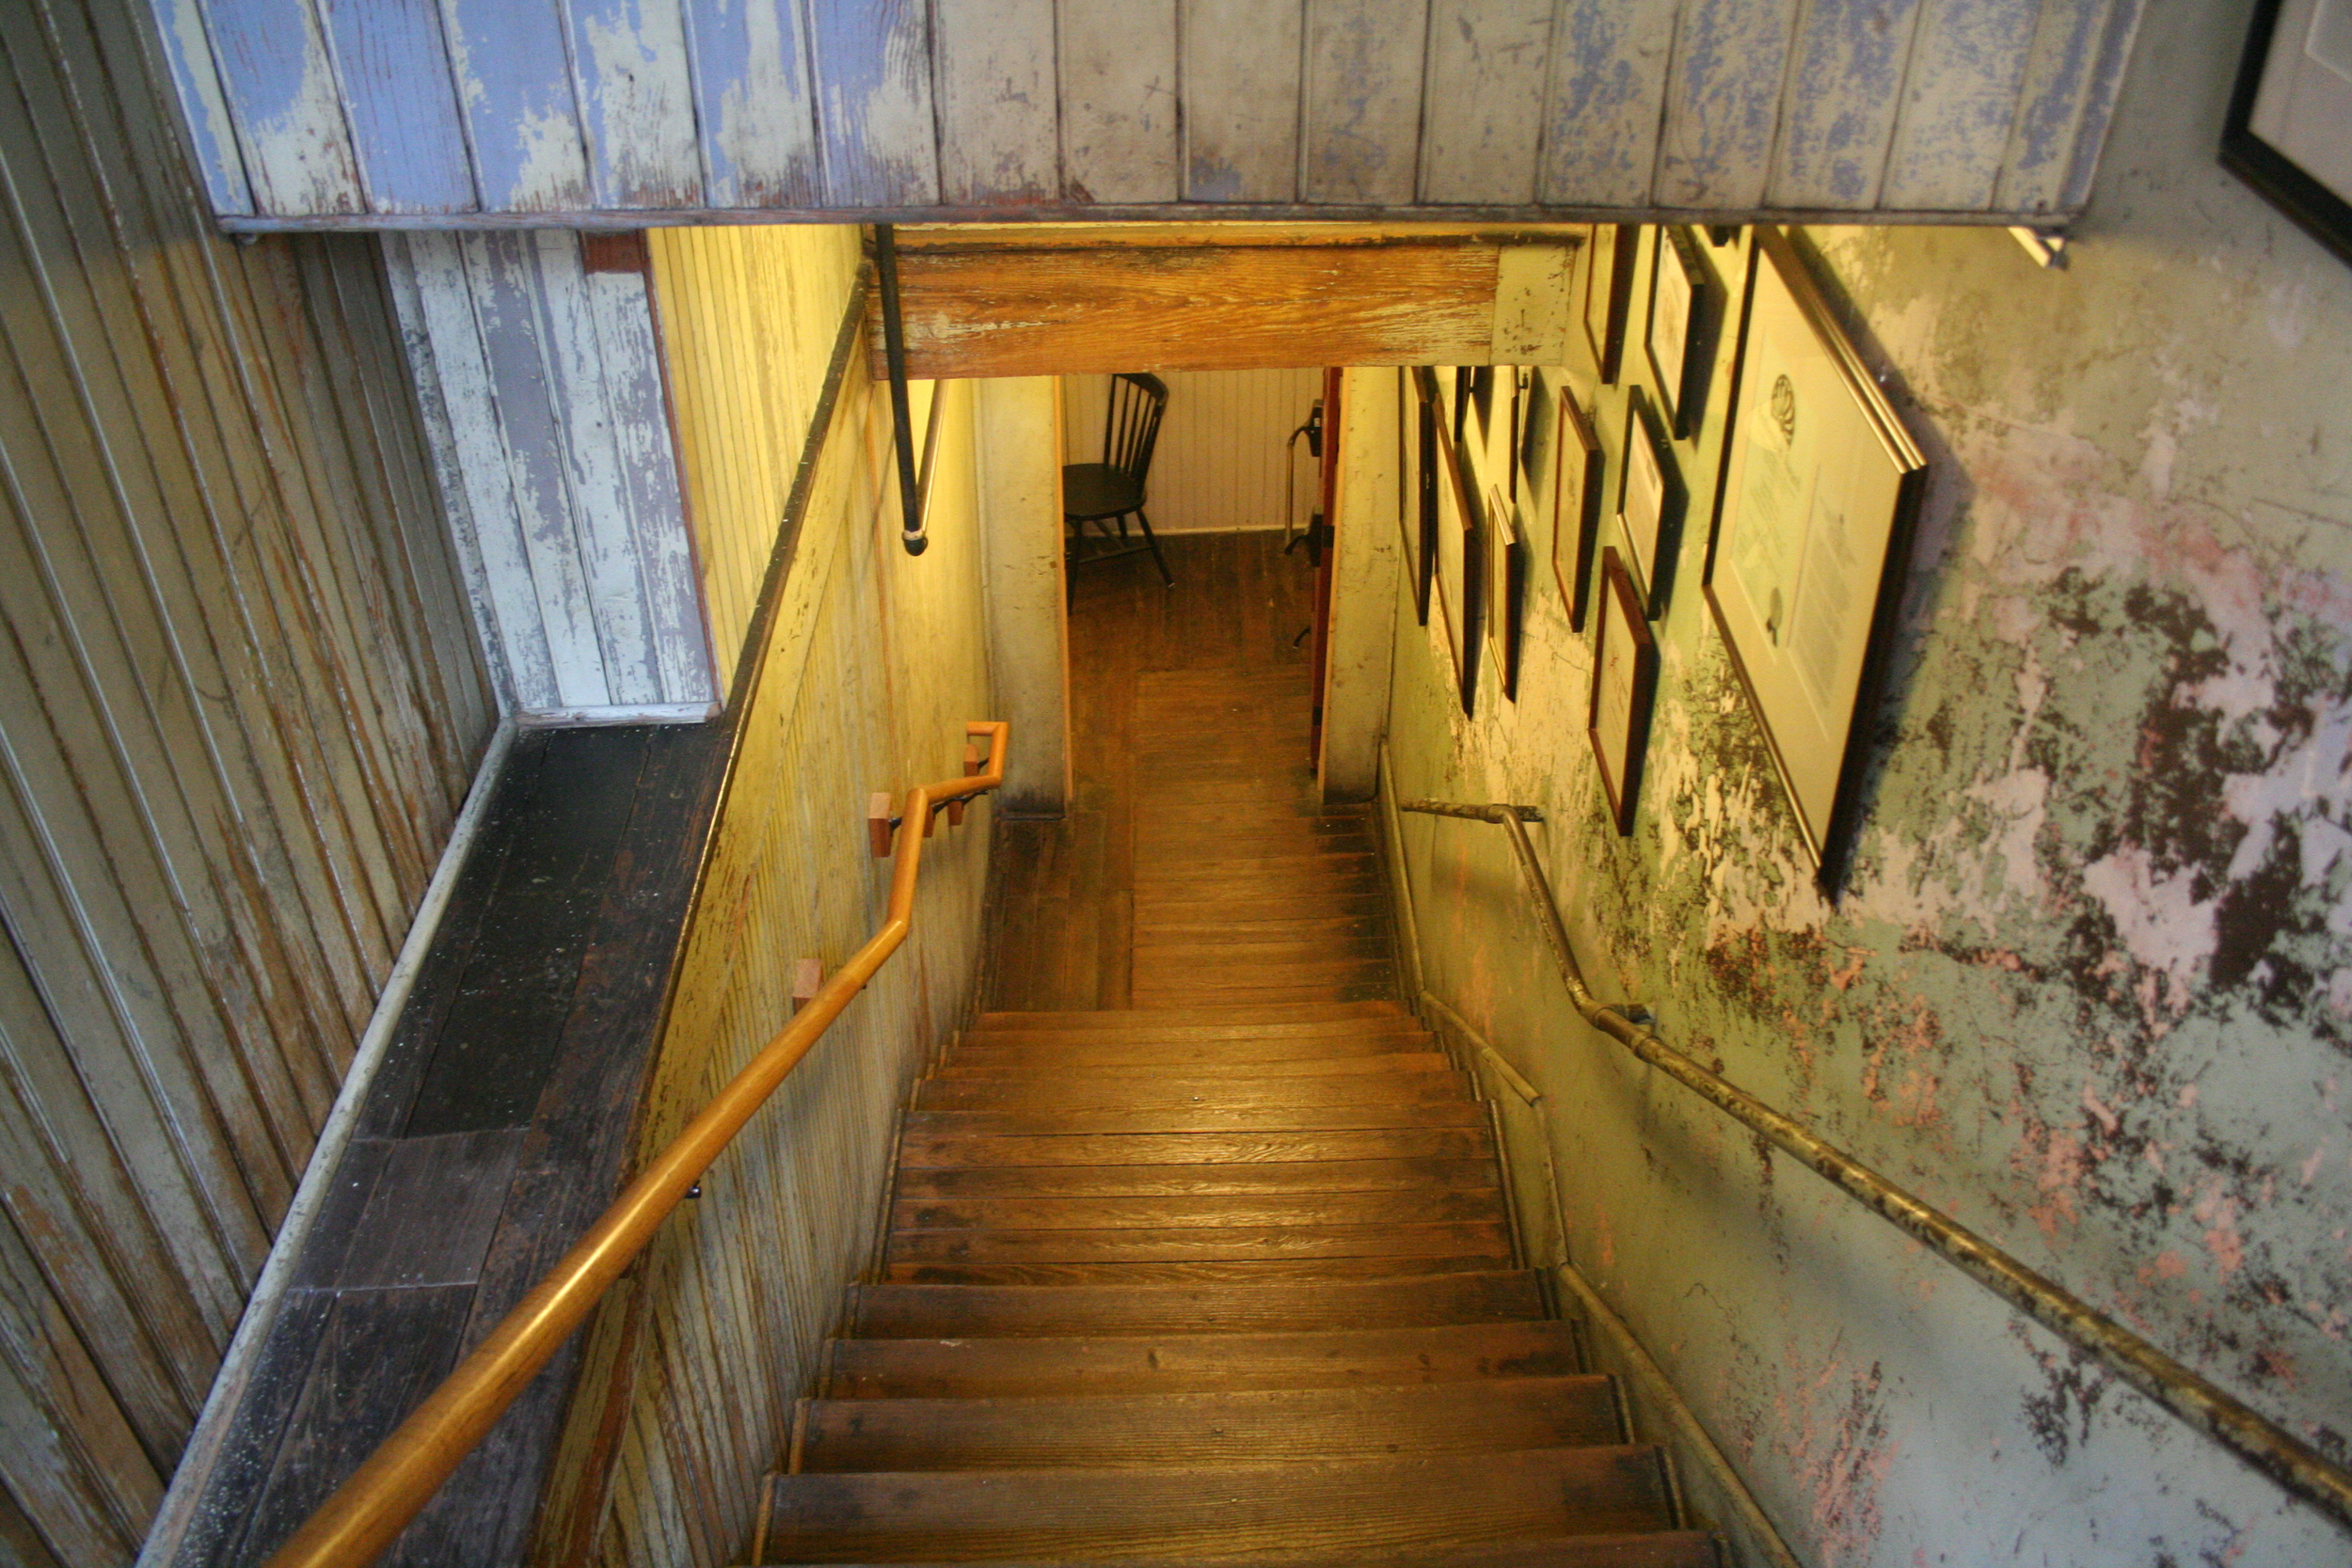 Maurer Architecture Office Interior